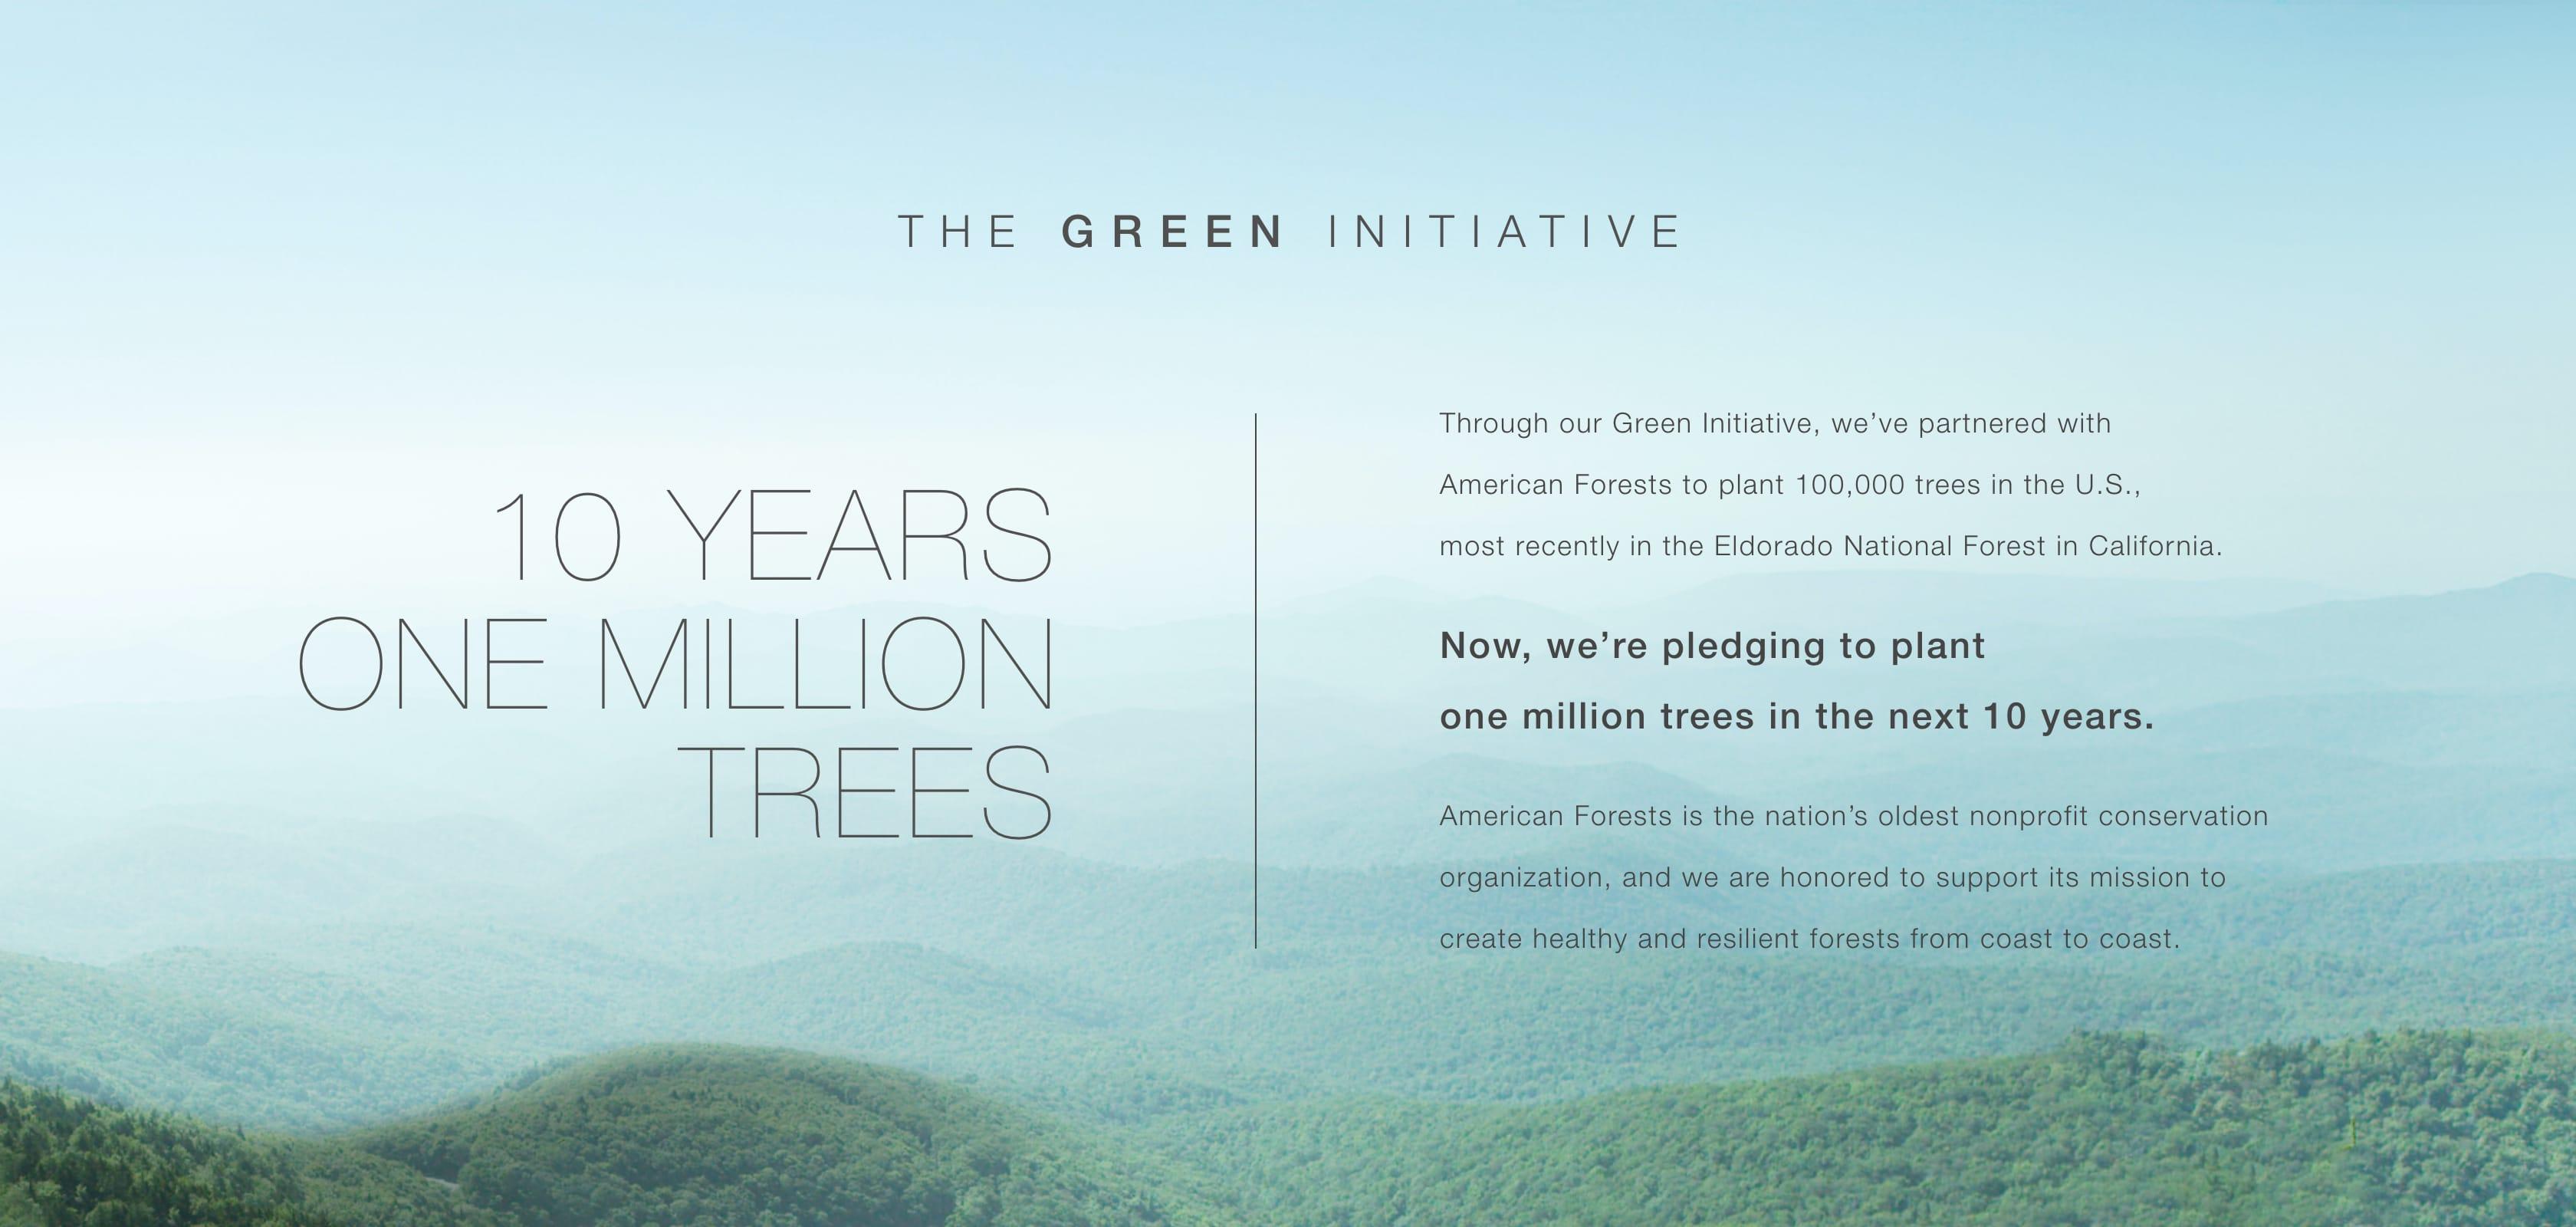 The Green Initiative